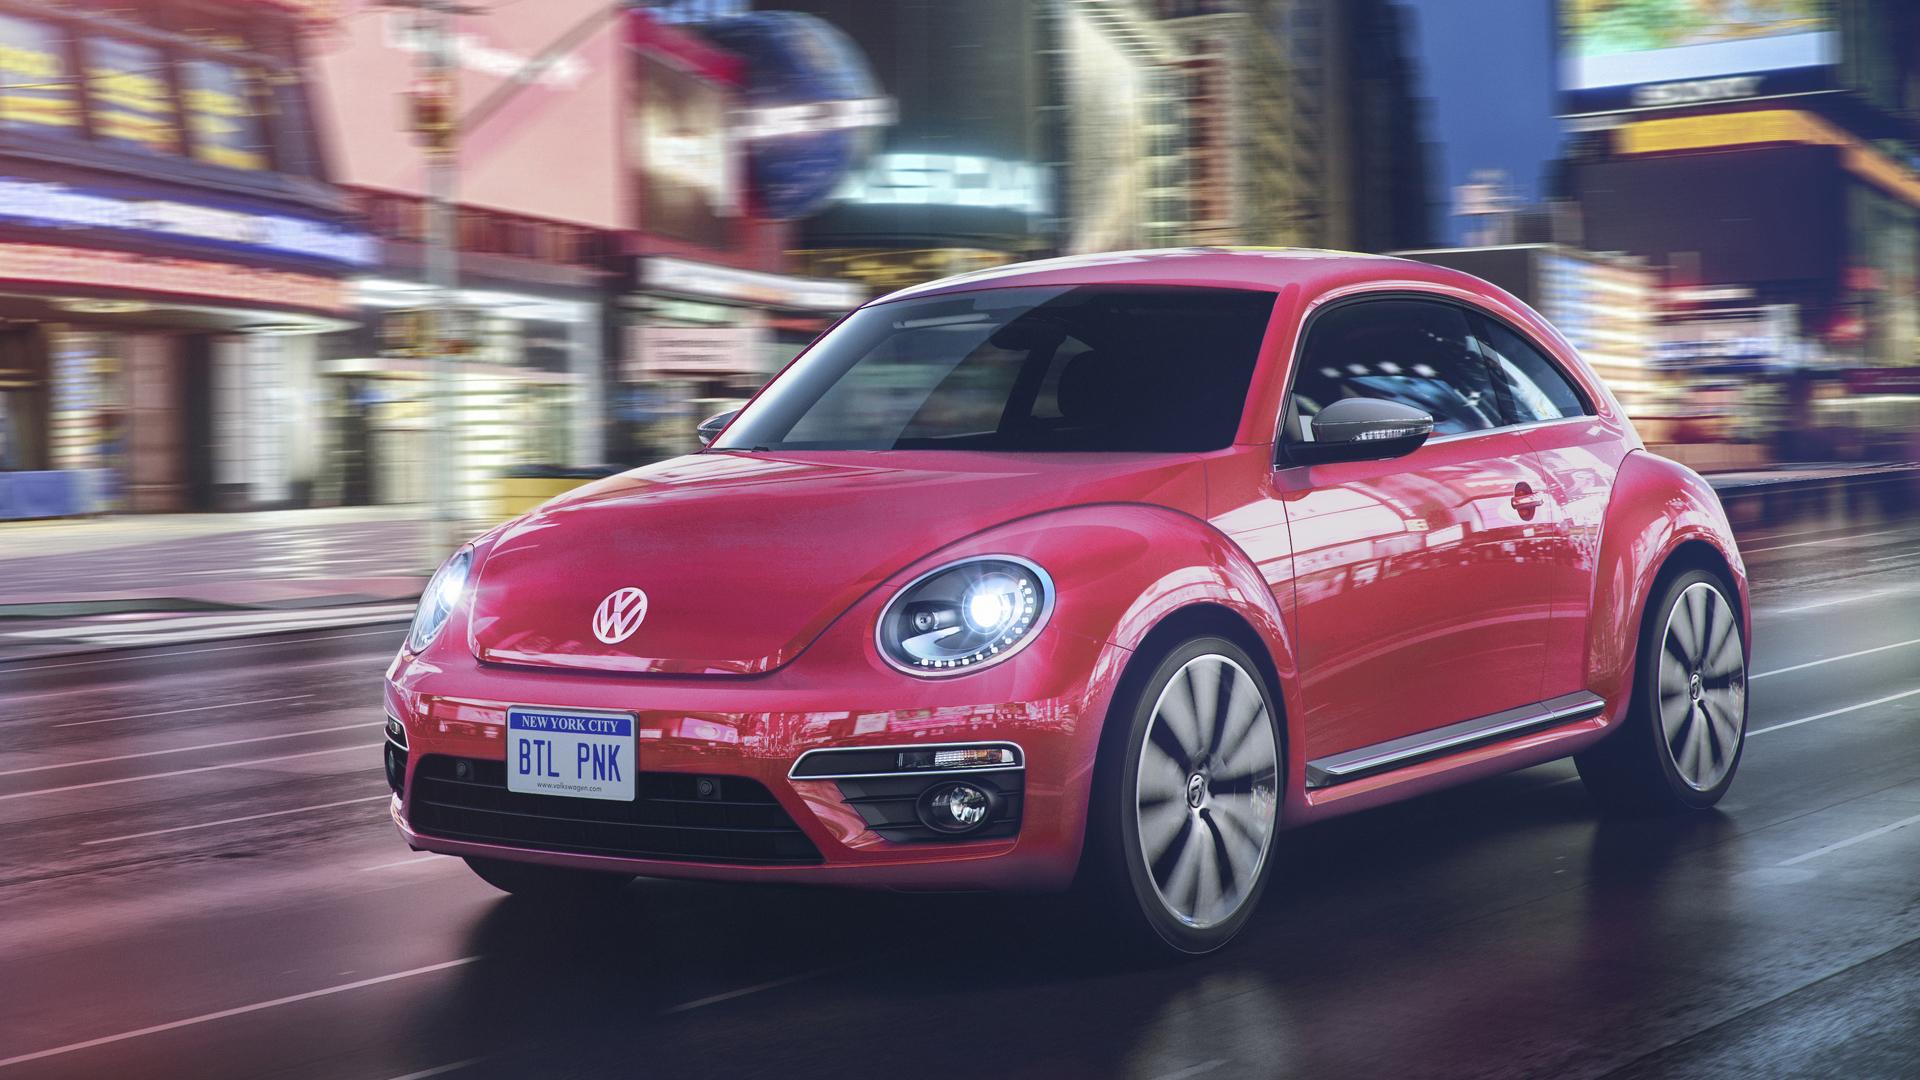 2017 Volkswagen Beetle Adds Pinkbeetle Special Edition